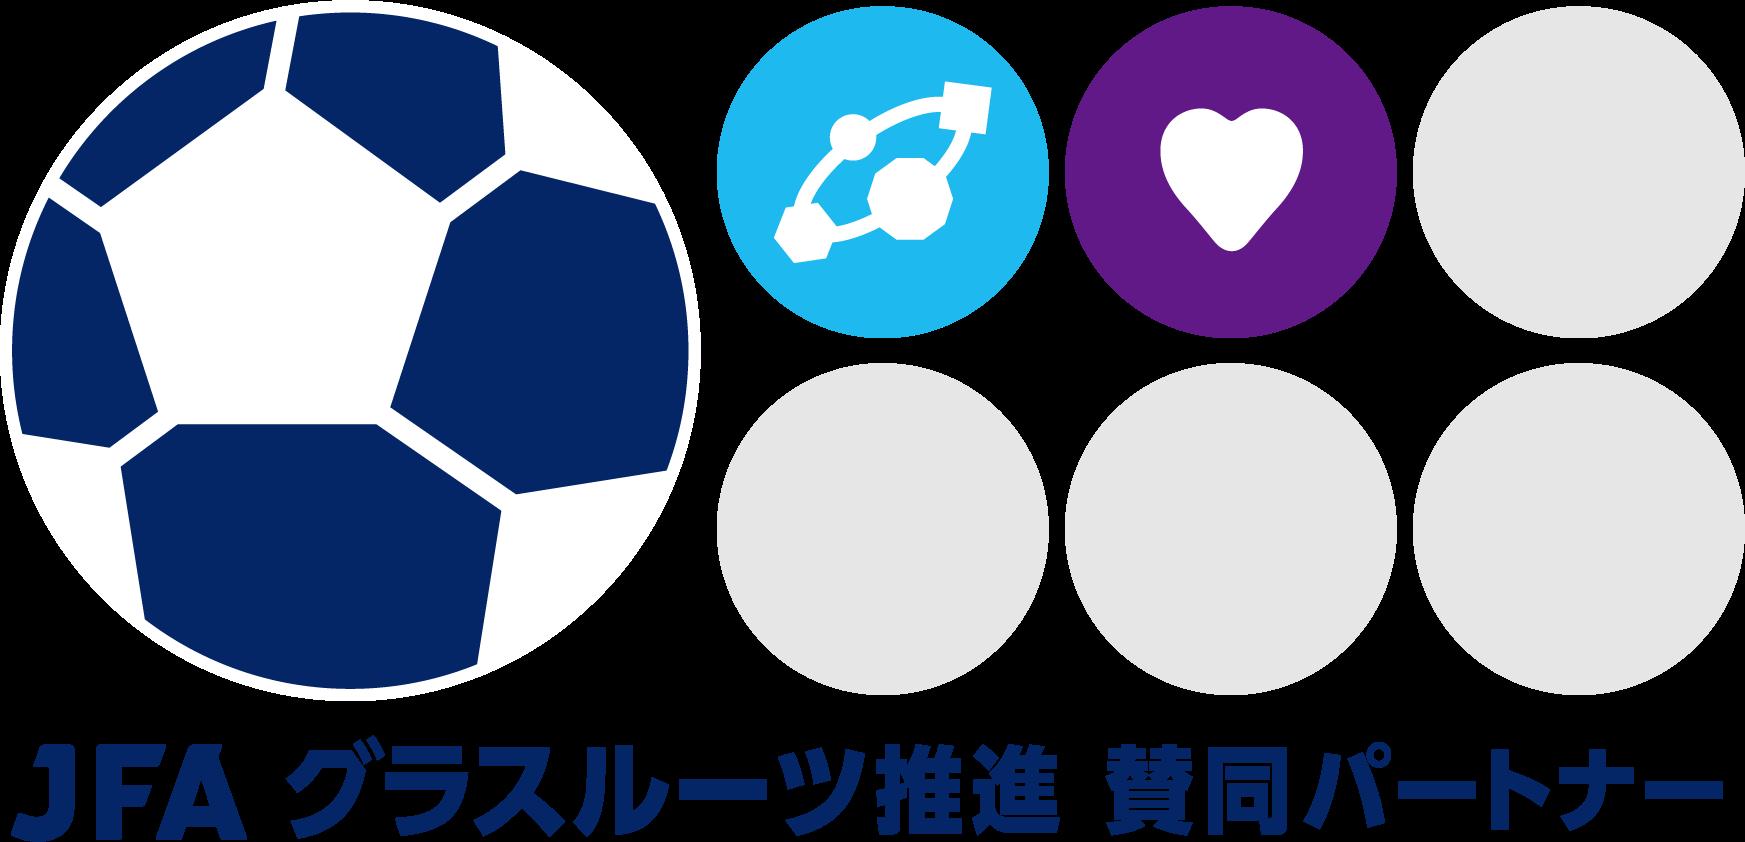 日本サッカー協会のJ F Aグラスルーツ推進・賛同パートナーに認定されました